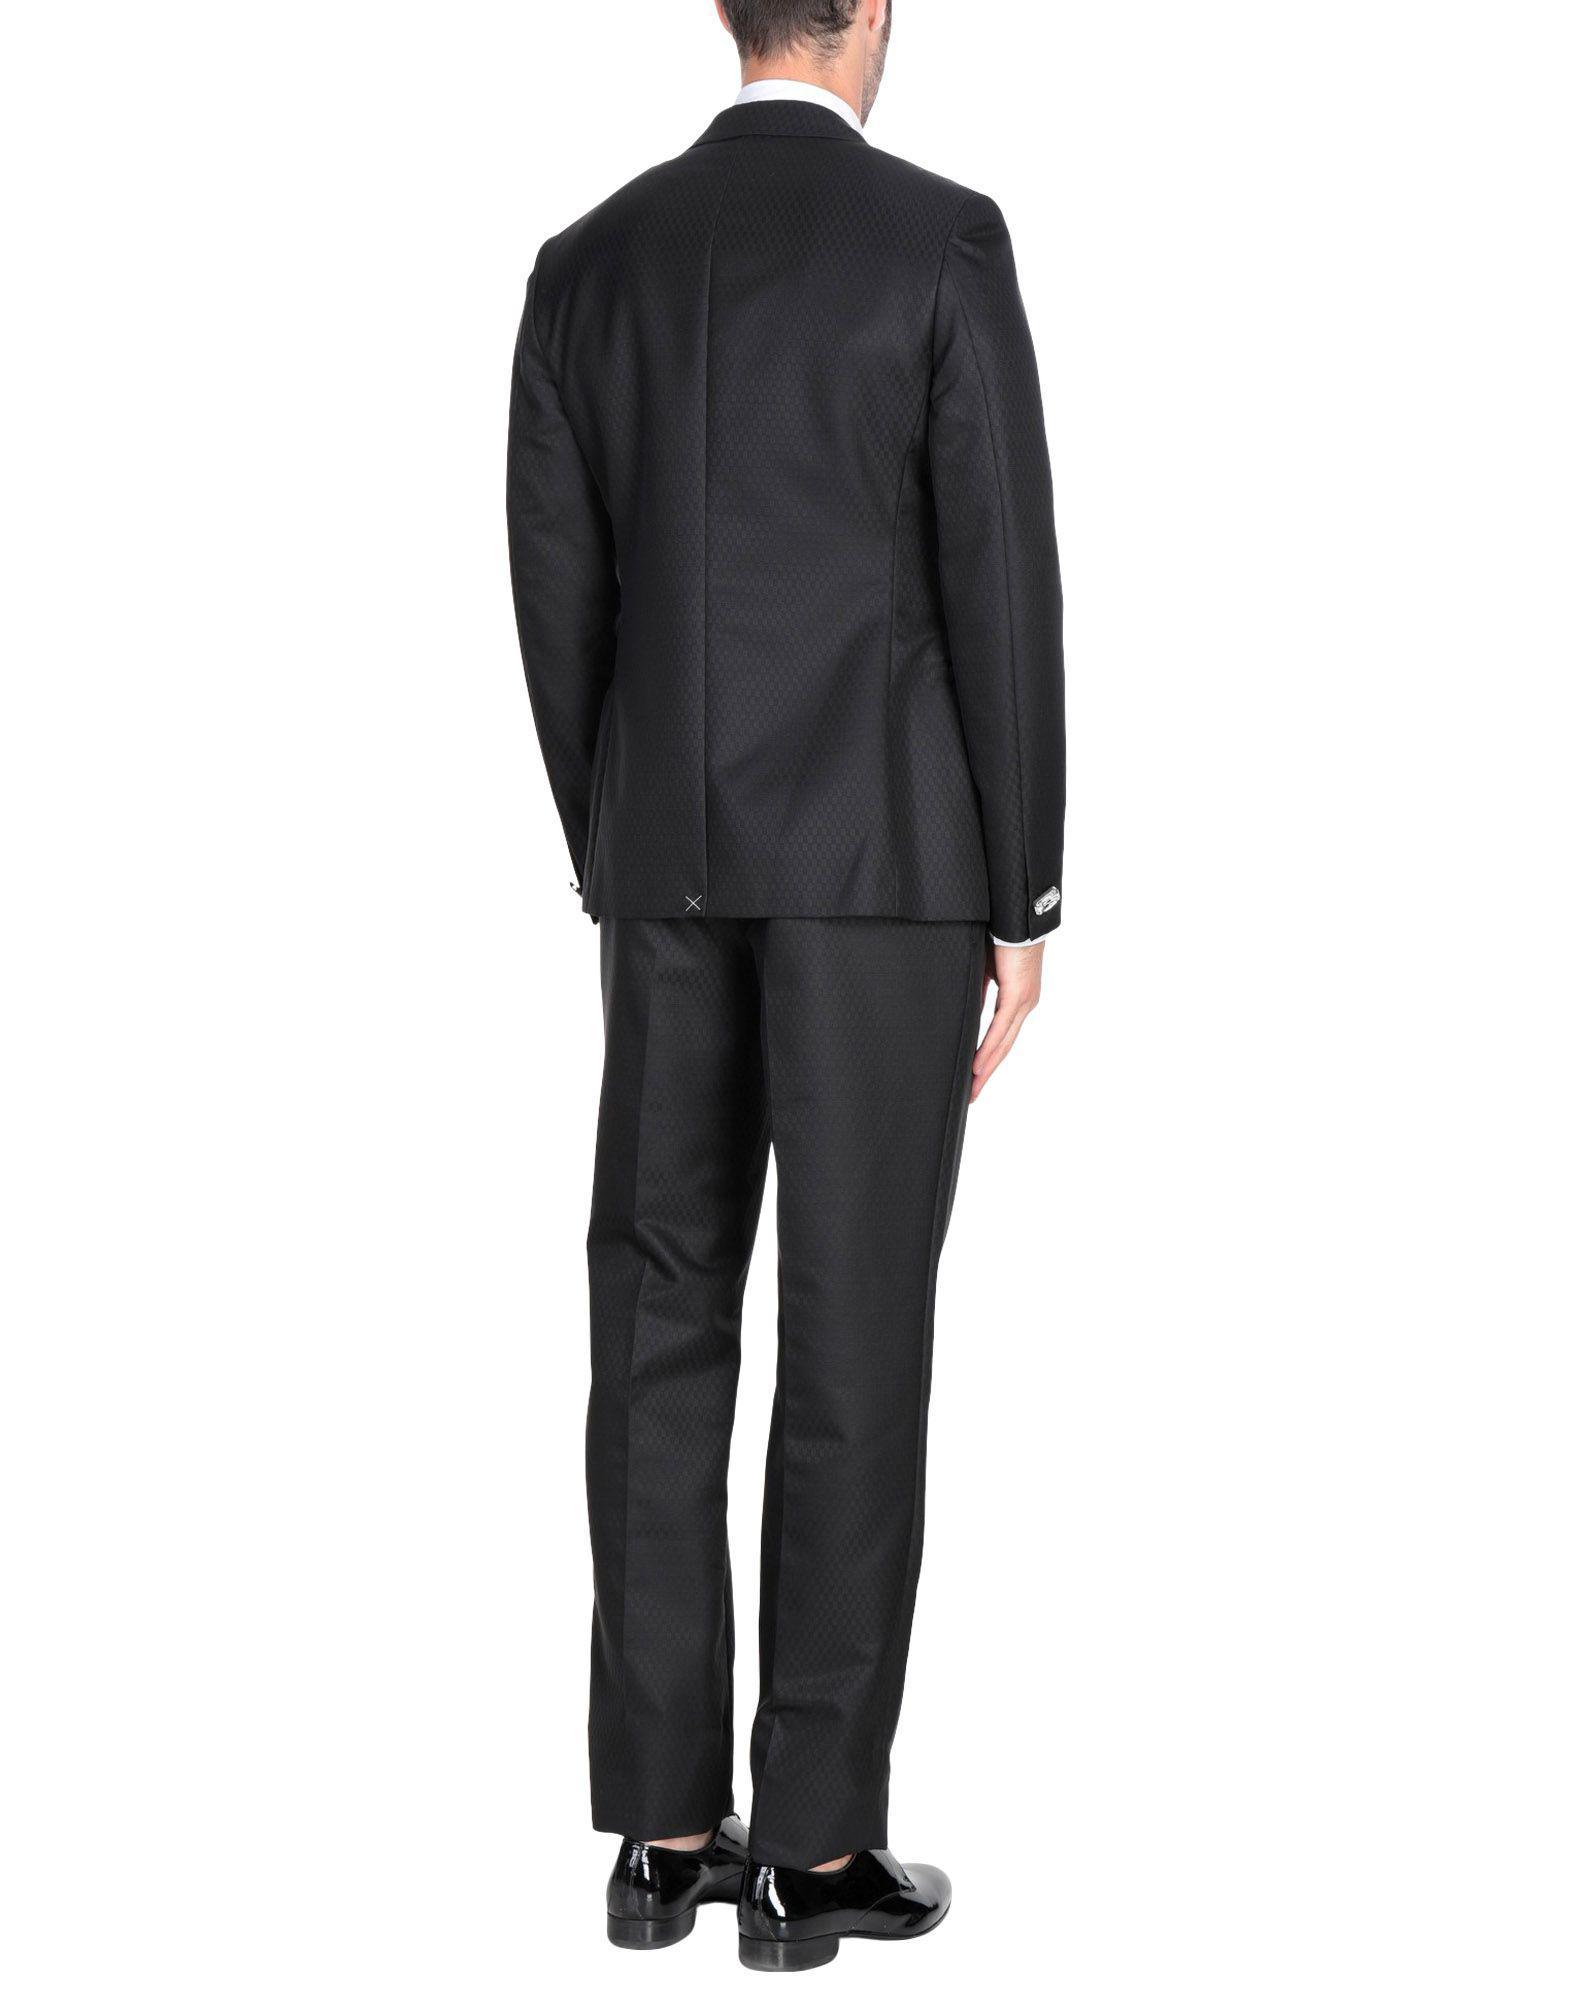 Lyst - Costume Versace pour homme en coloris Noir a5bae9f8f57